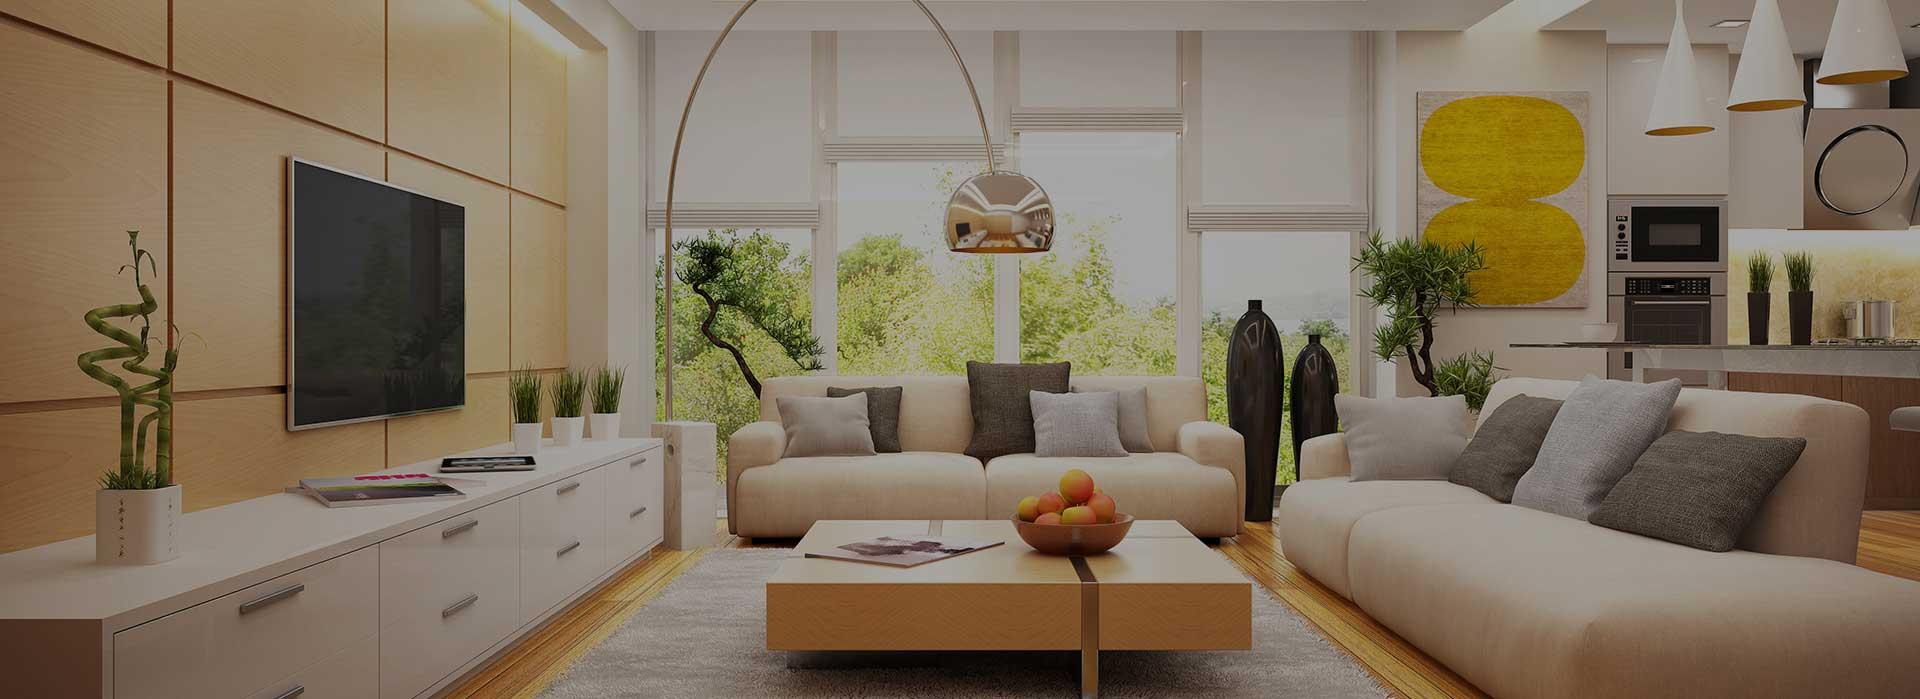 location appartement saisonniere